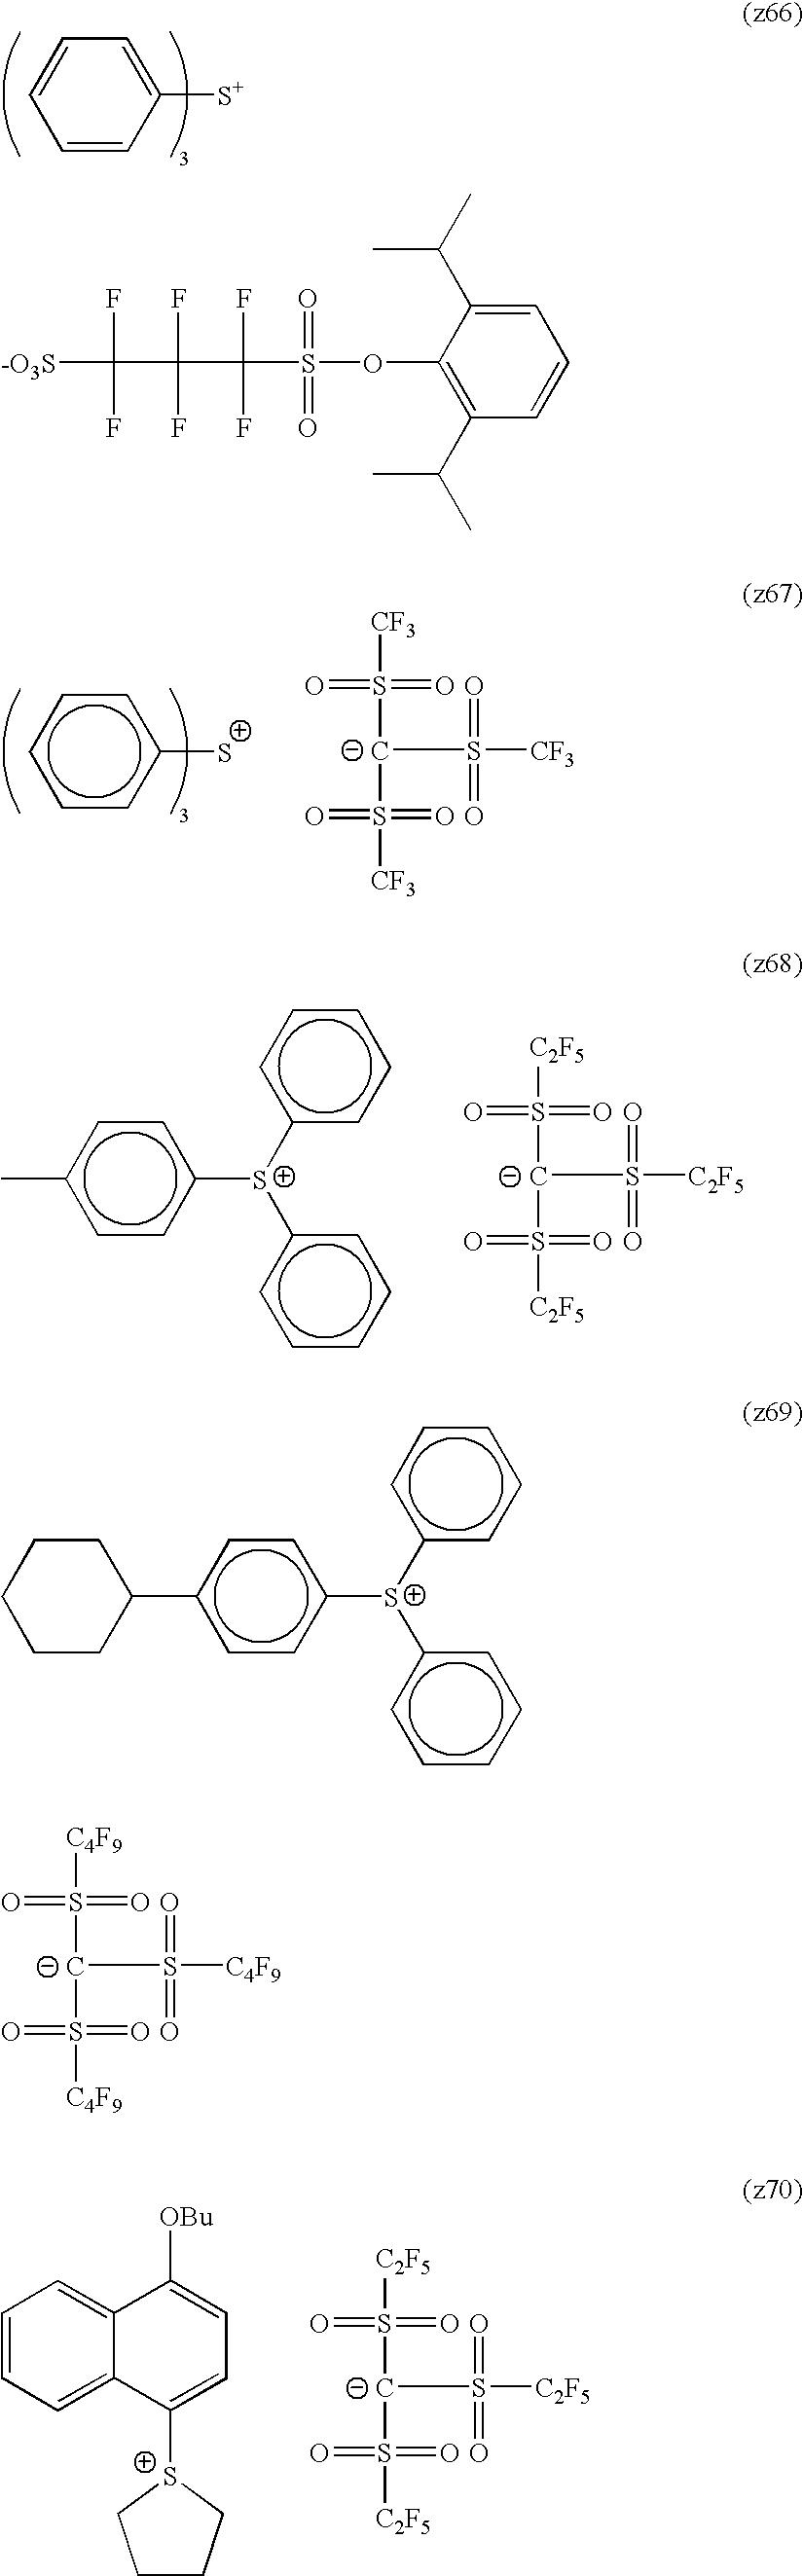 Figure US08530148-20130910-C00060